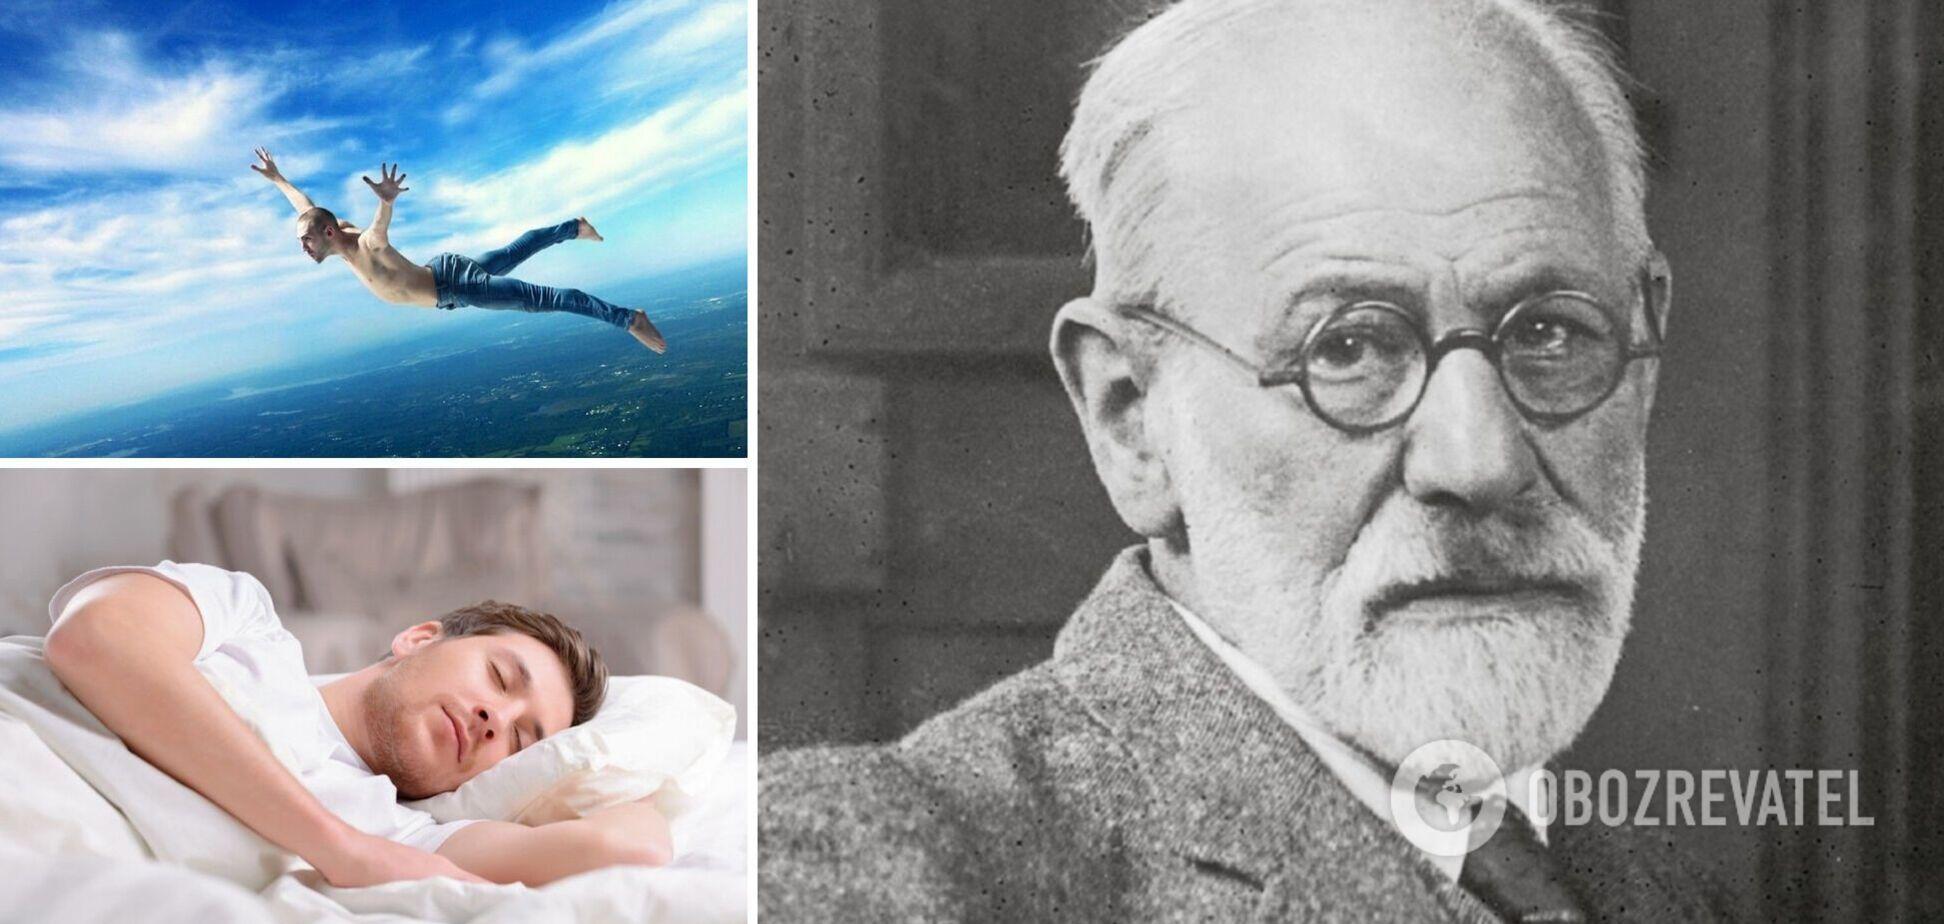 Фройд стверджував, що всі сни мають своє віддзеркалення в реальному житті людини